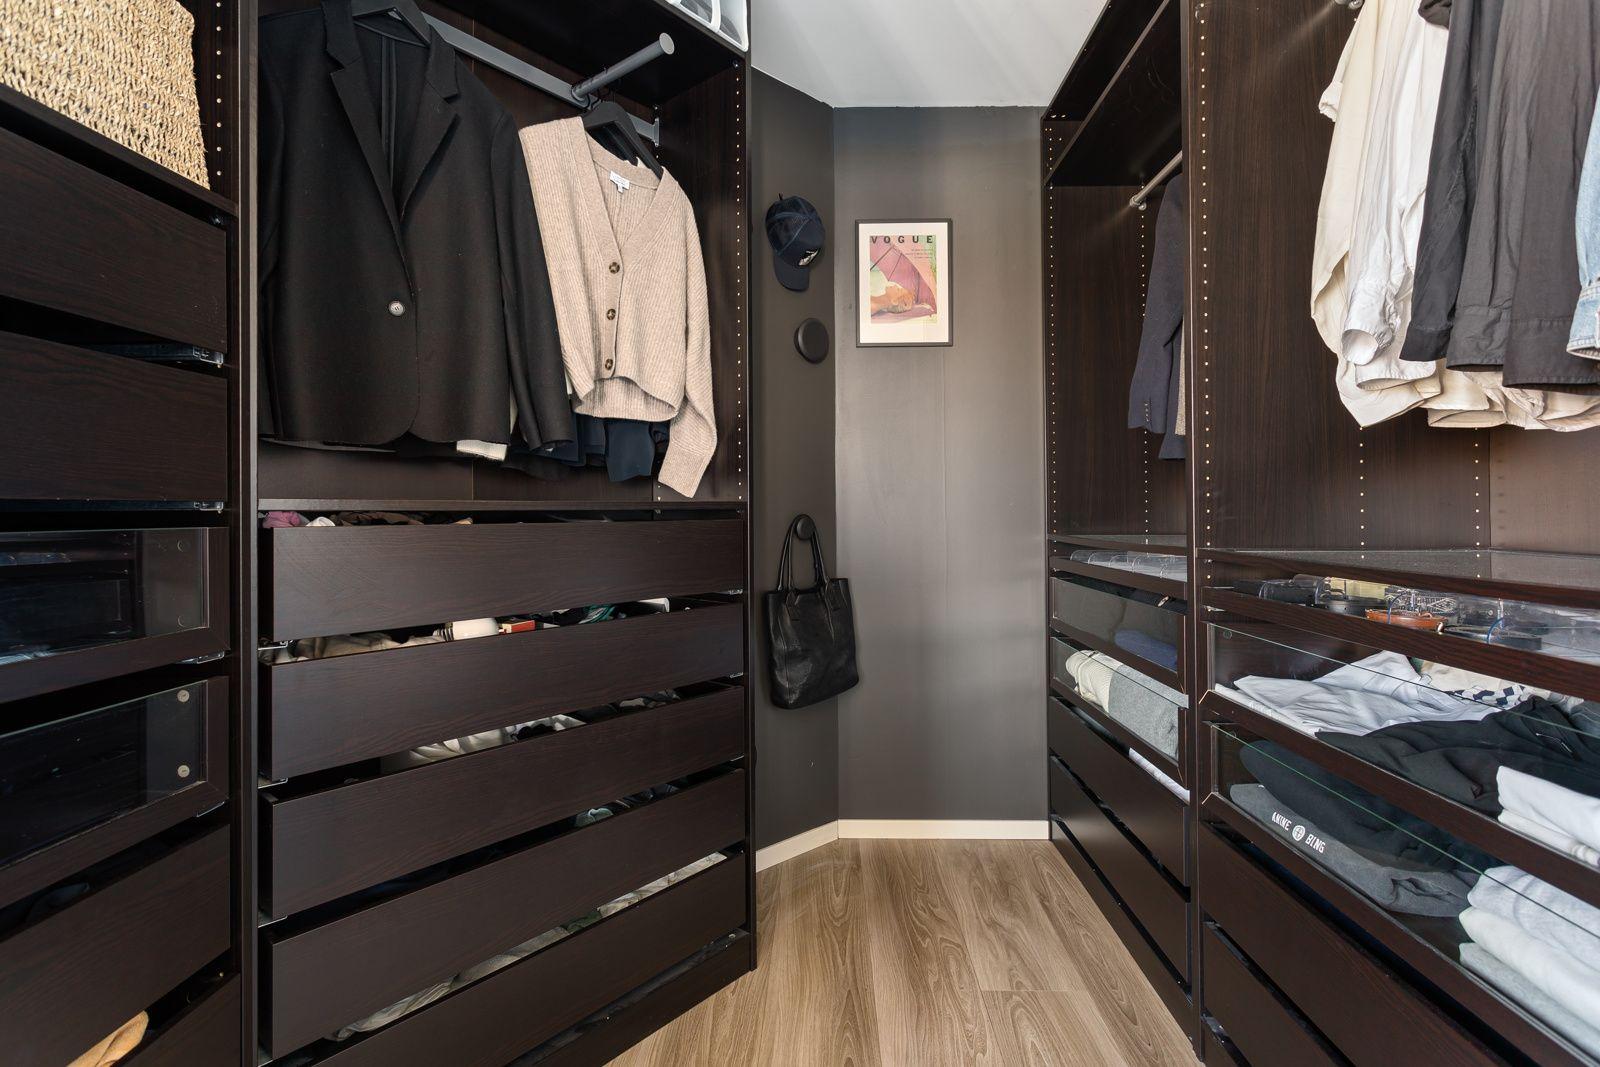 Sandakerveien 22 H Bak skyvedørene har du et romslig og praktisk omkledningsrom med god oppbevaringsplass i åpen garderobeløsning.